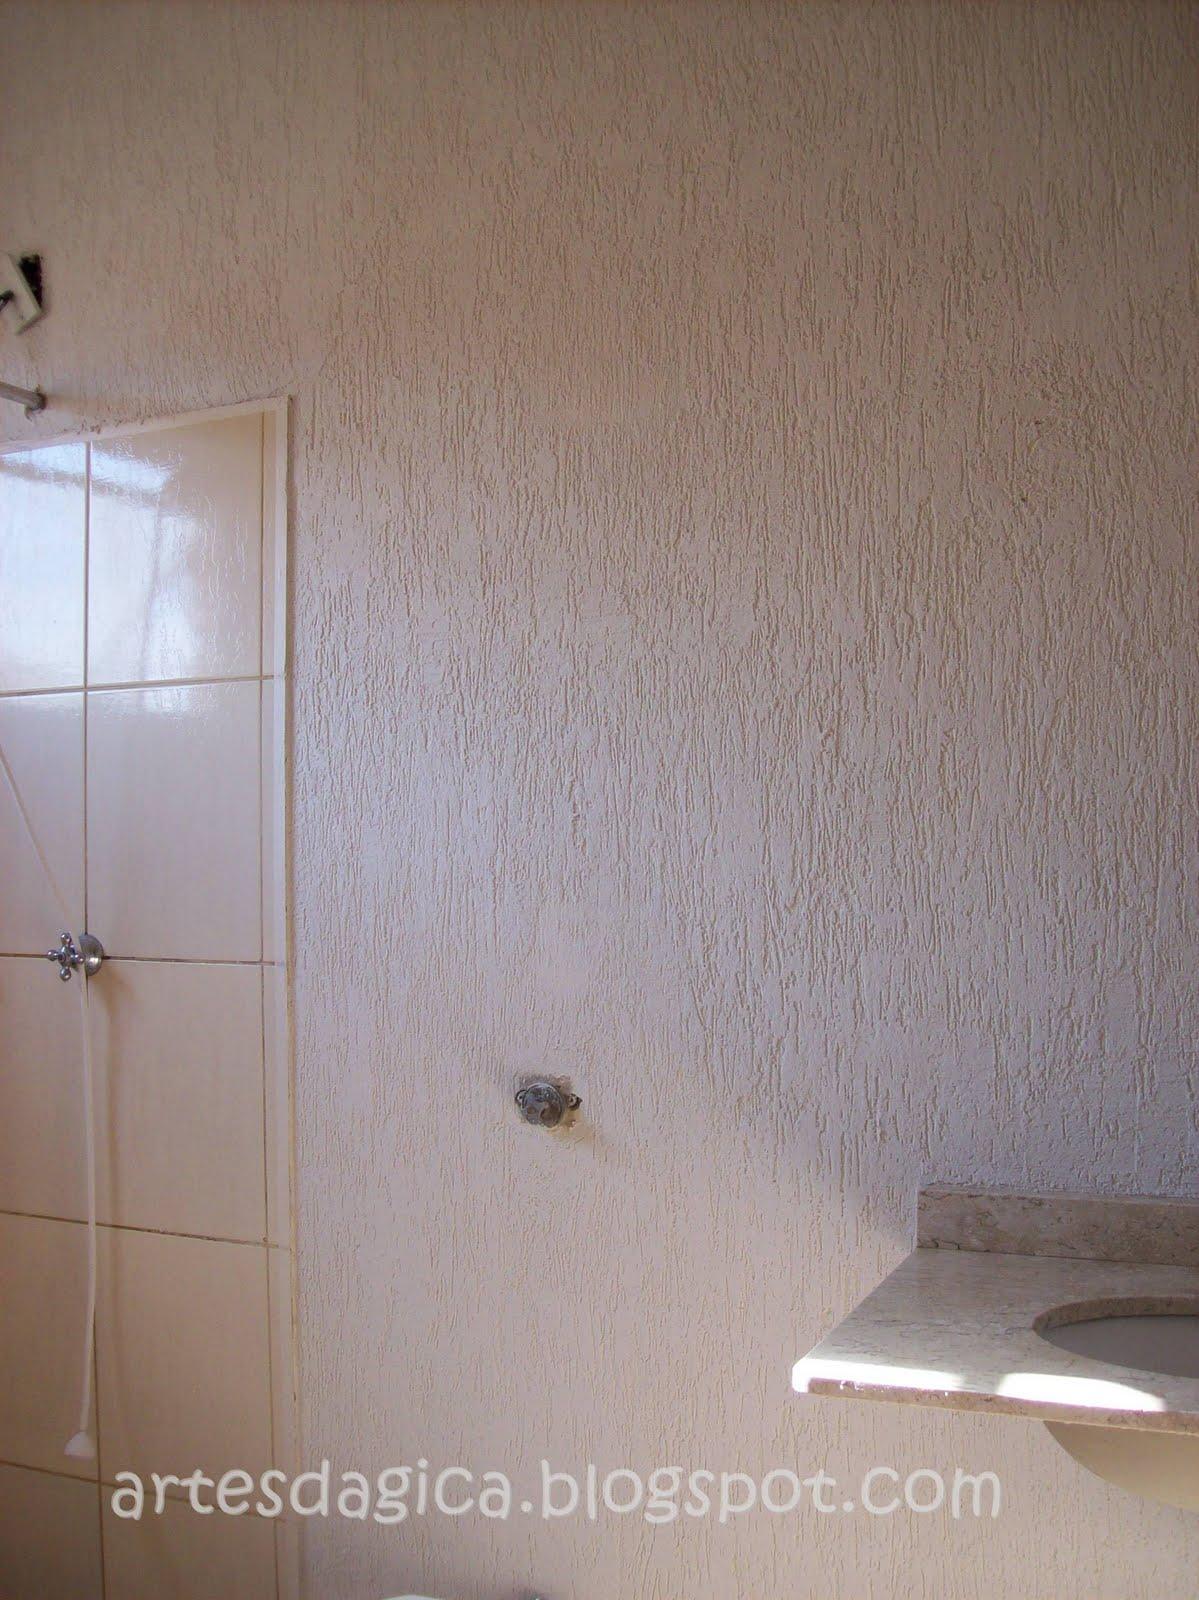 Artes da Gica: Extreme Makeover Banheiro  parte II #614E41 1199 1600